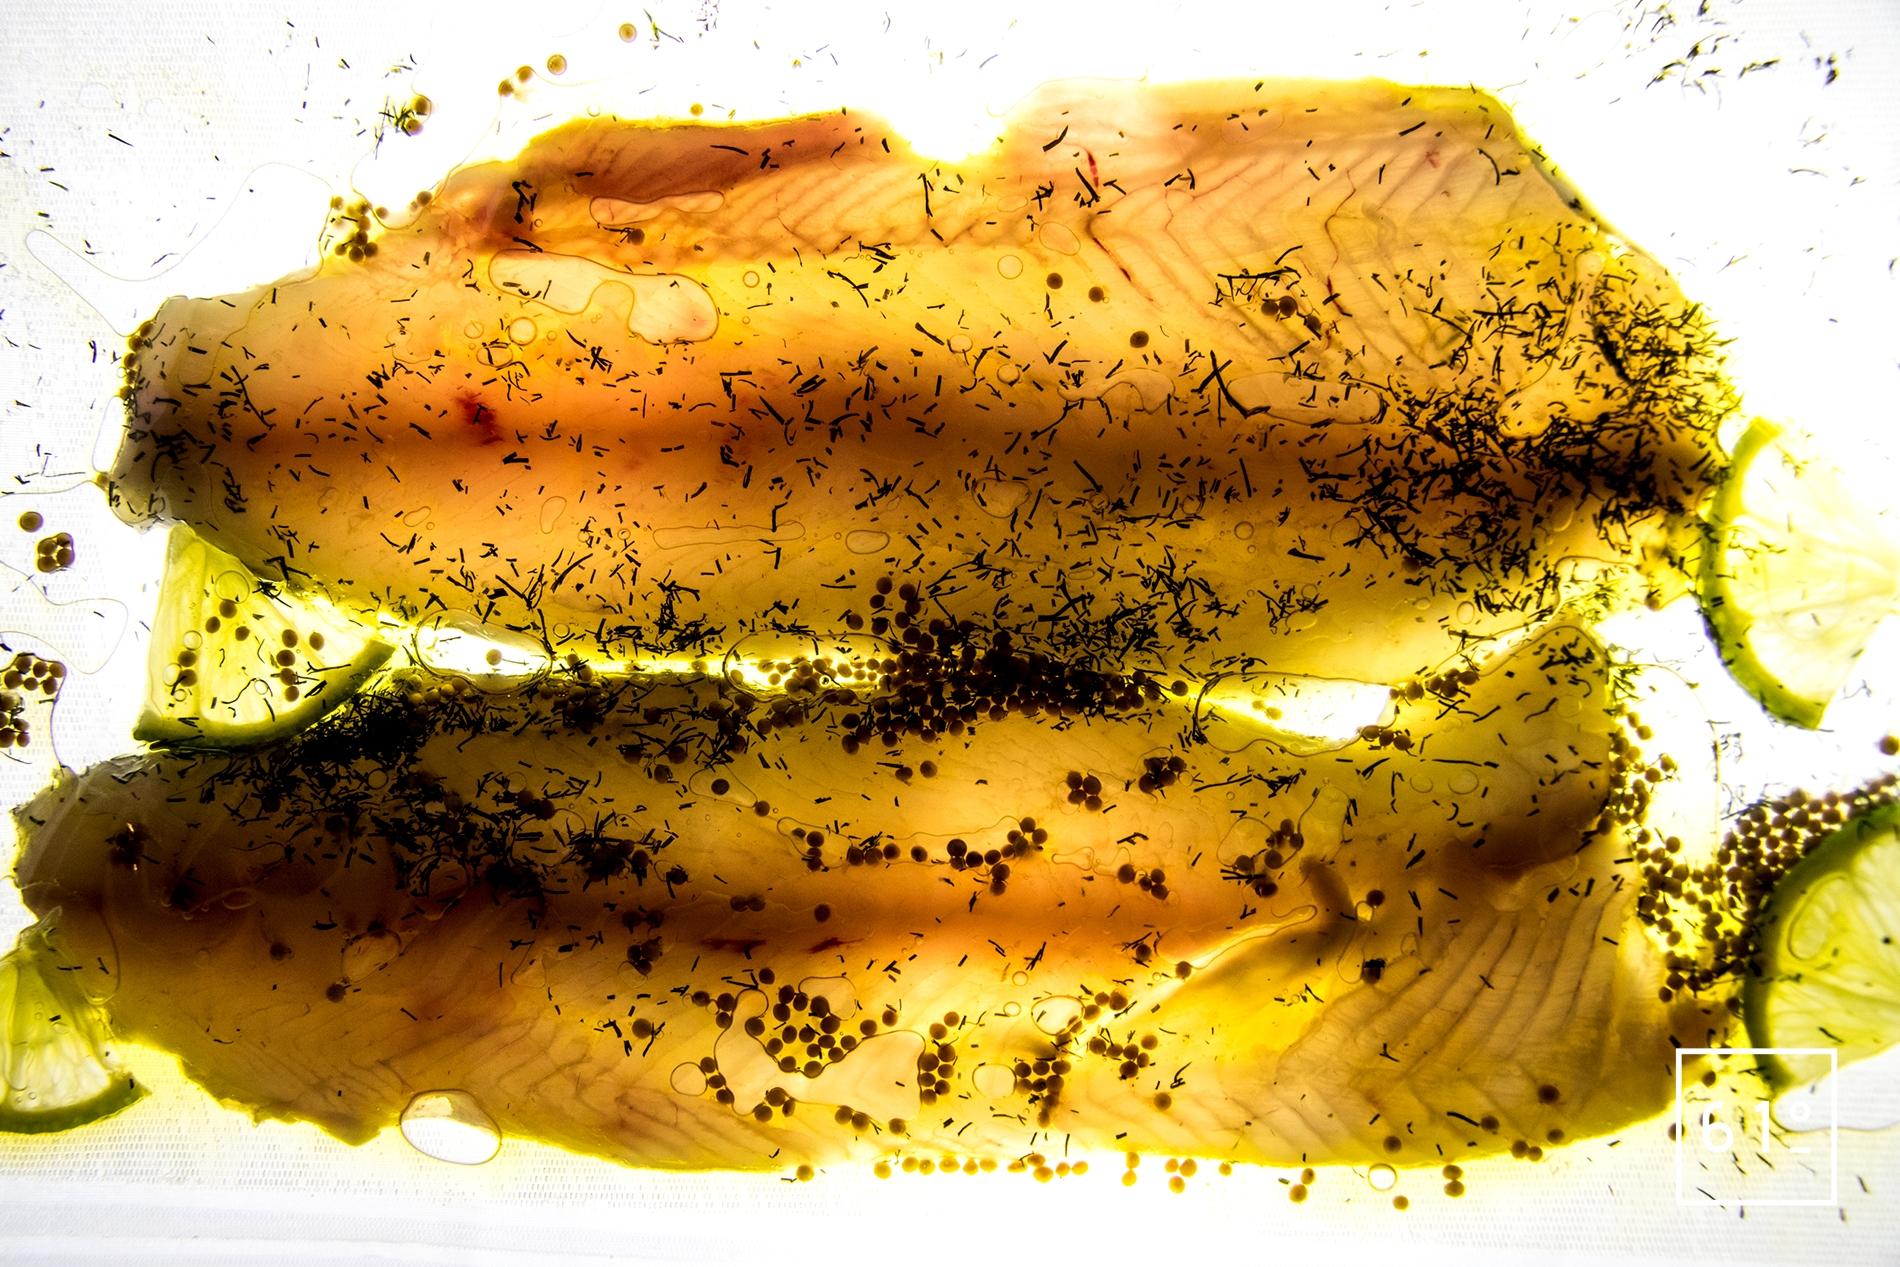 Calendrier Des Poissons Et Fruits De Mer De Saison.Calendrier Des Poissons De Saison Ingredient 61 Degres